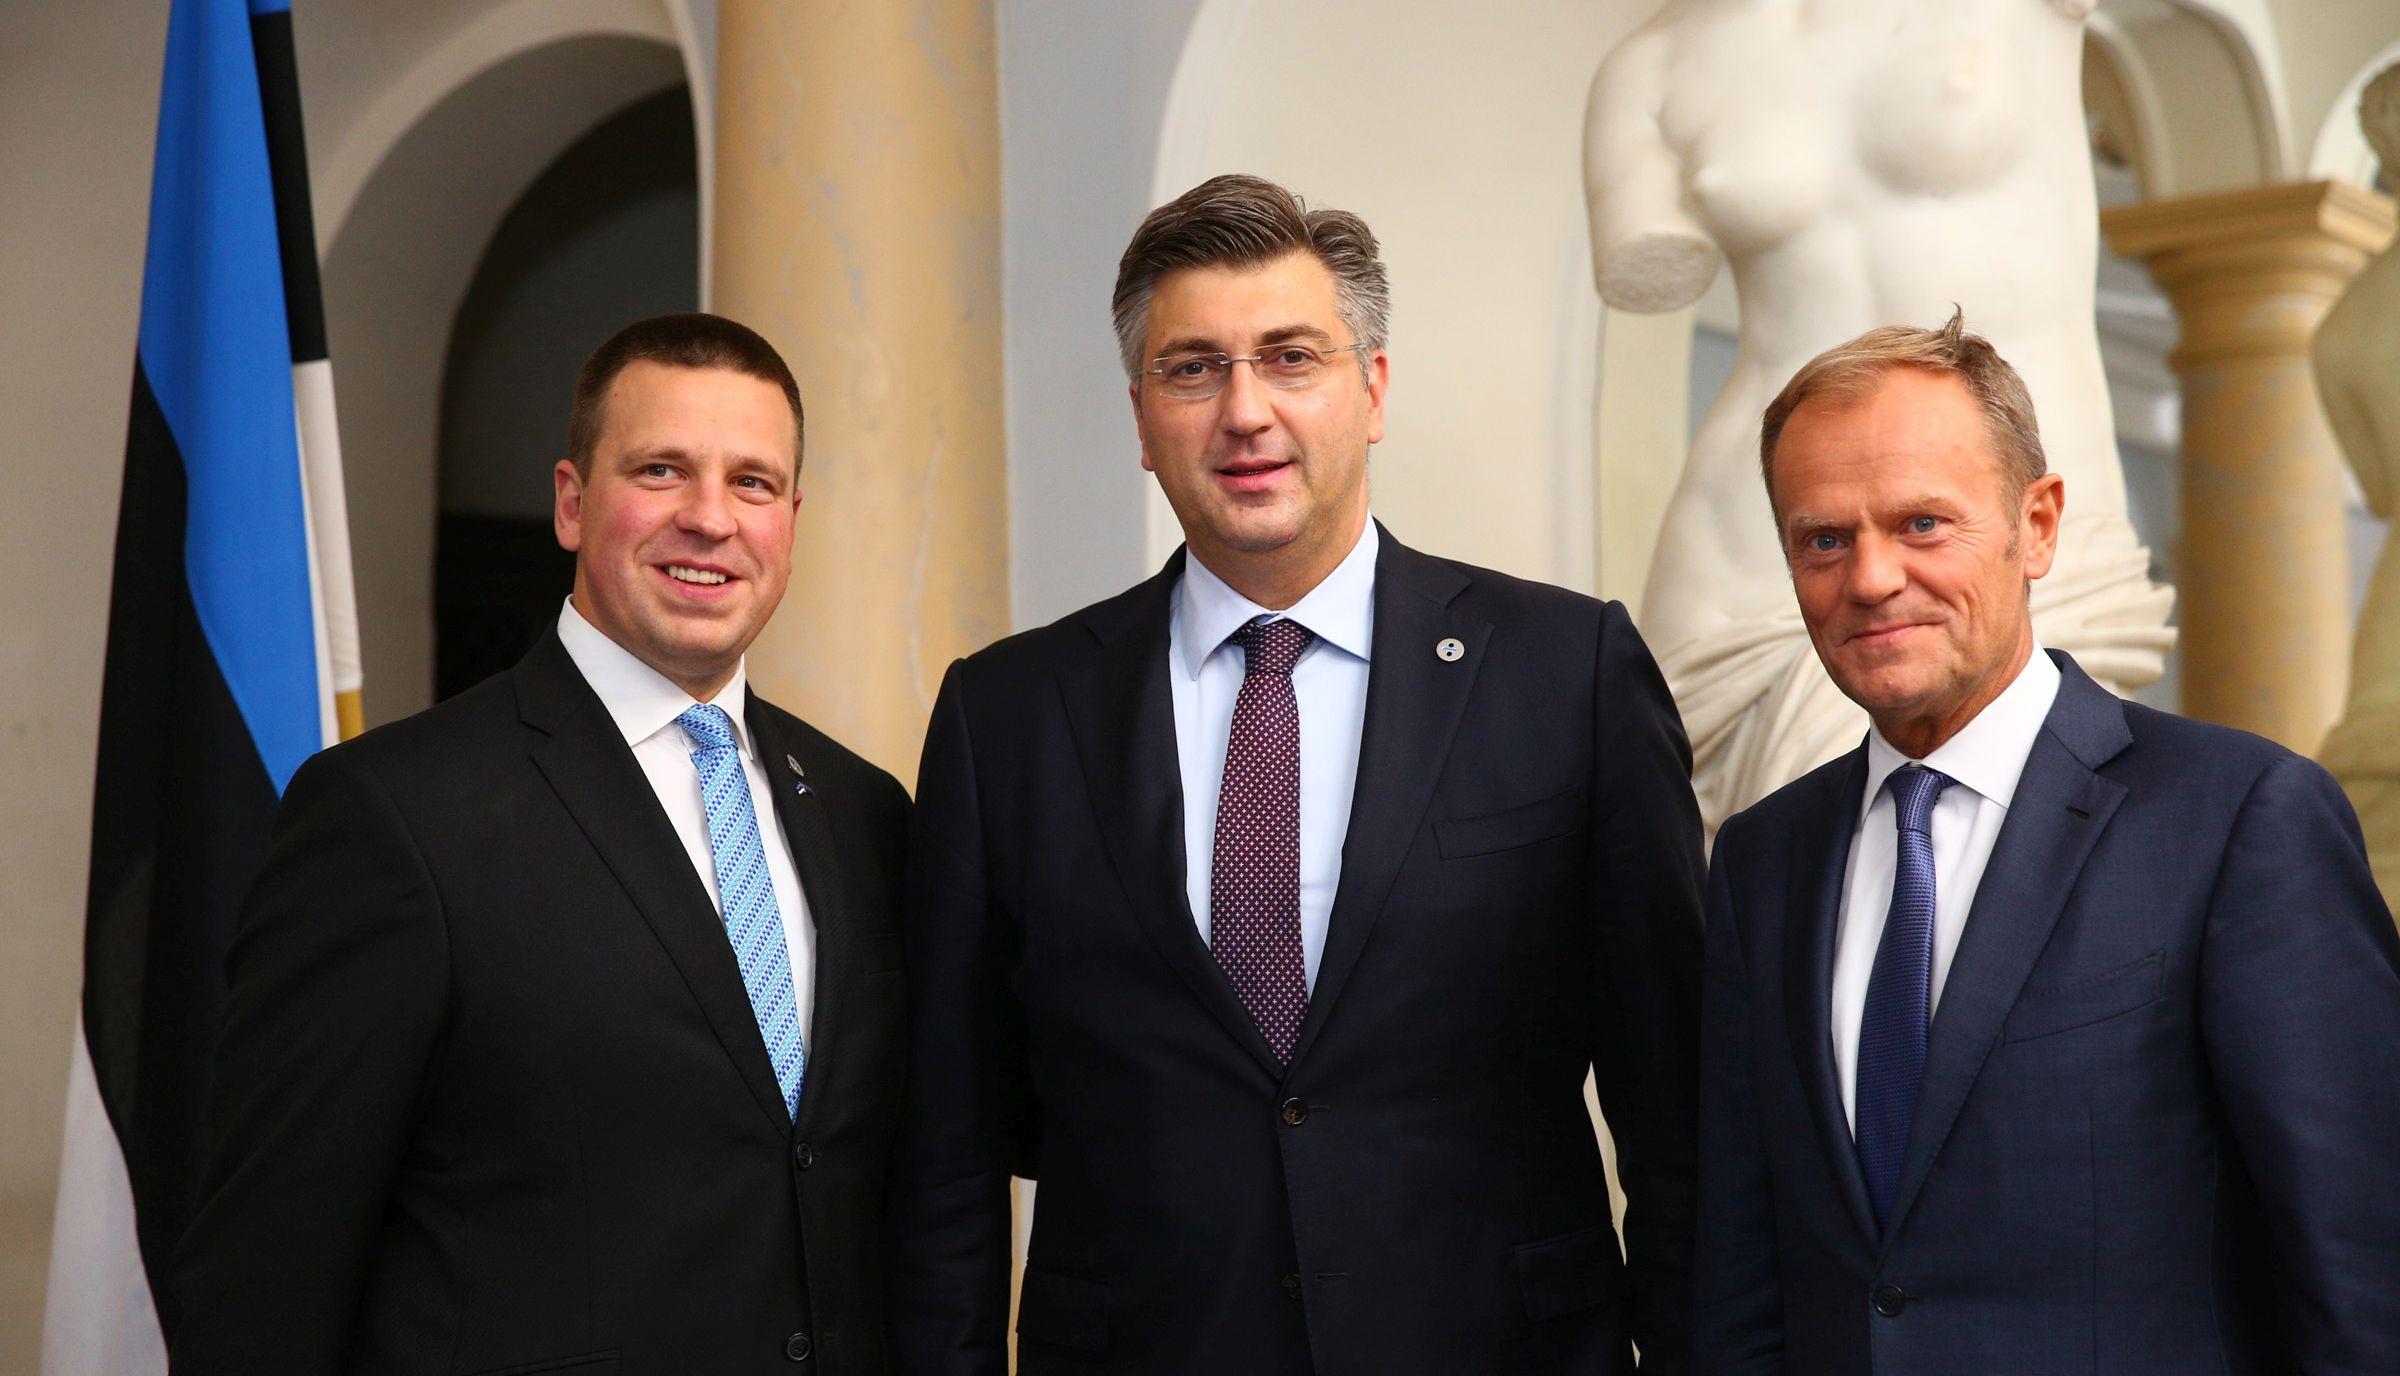 Završen summit EU-a, Plenković imao niz bilateralnih susreta